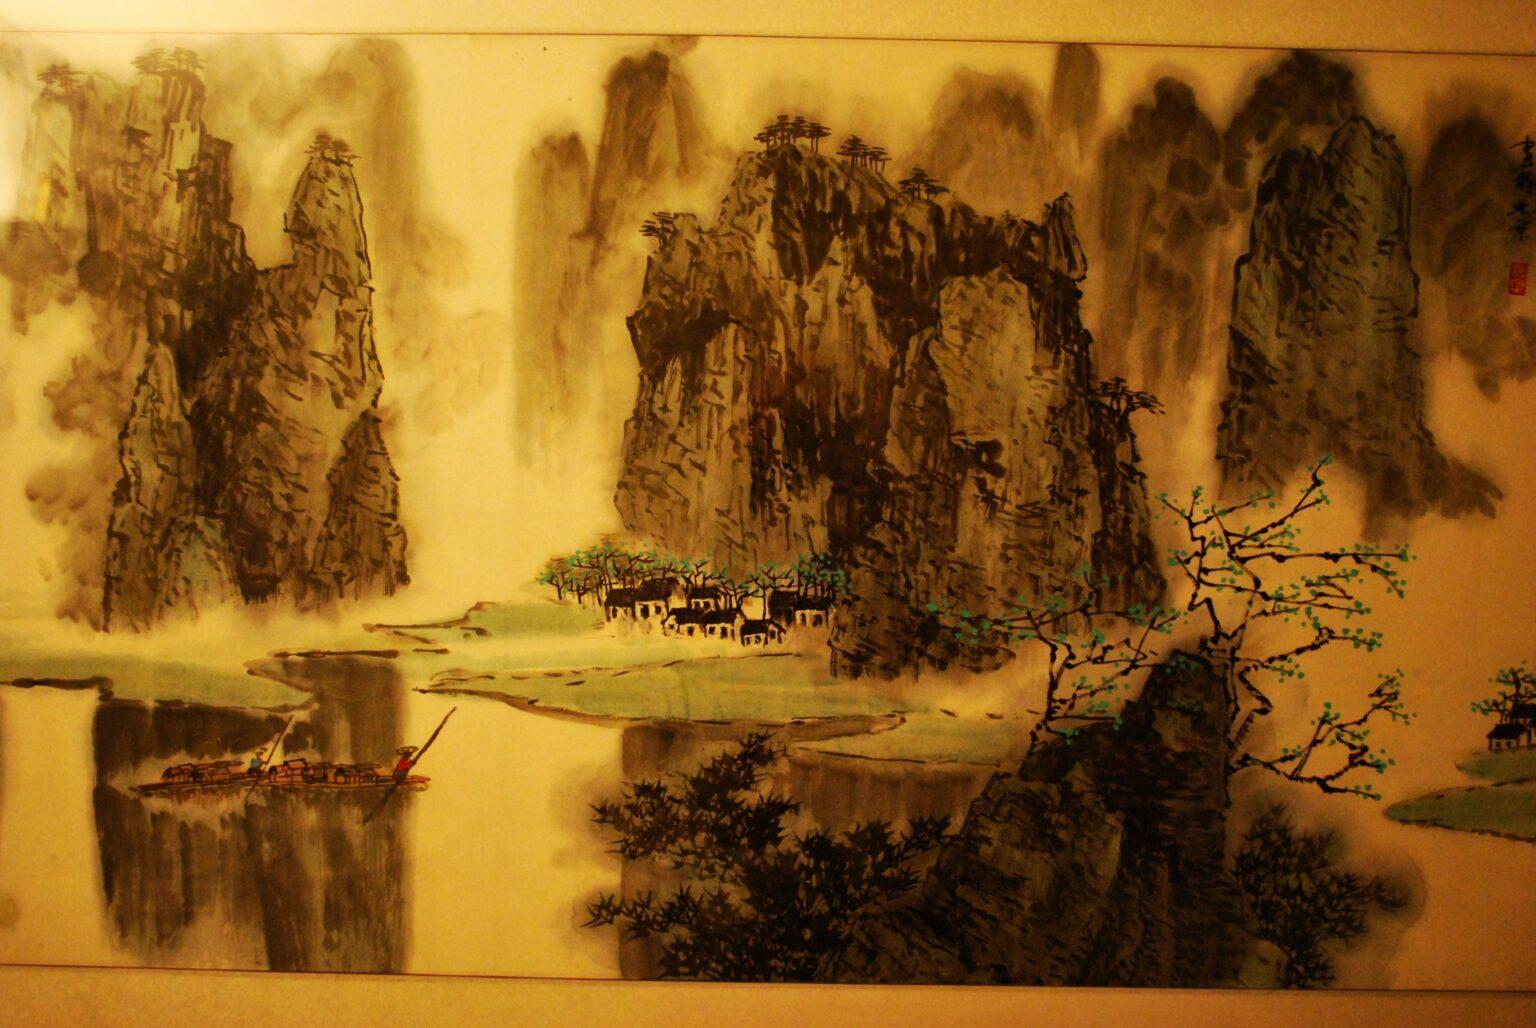 آیا وقوع بلایای طبیعی مانند زلزله تصادفی است؟ مردم چین باستان اعتقاد داشتند که همه این بلایا دلایلی پشت خود دارند و توسط موجودات الهی ترتیب داده میشوند